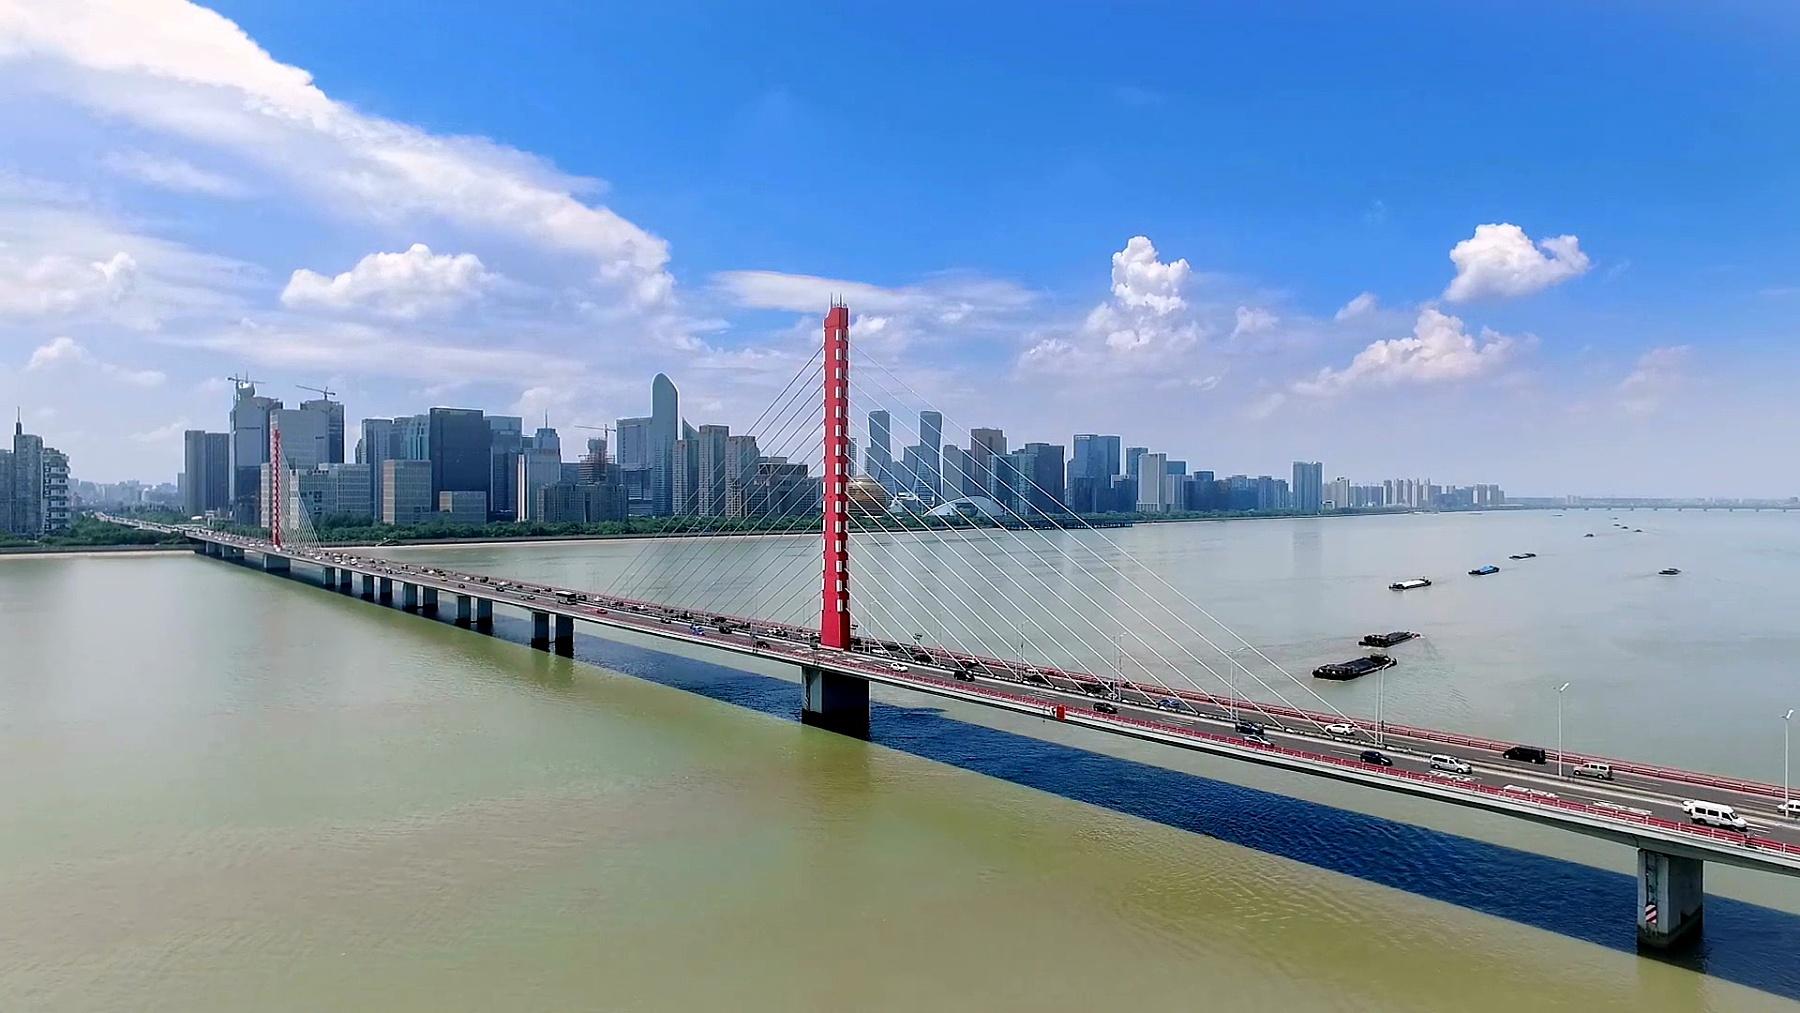 江桥与蓝天现代城市景观